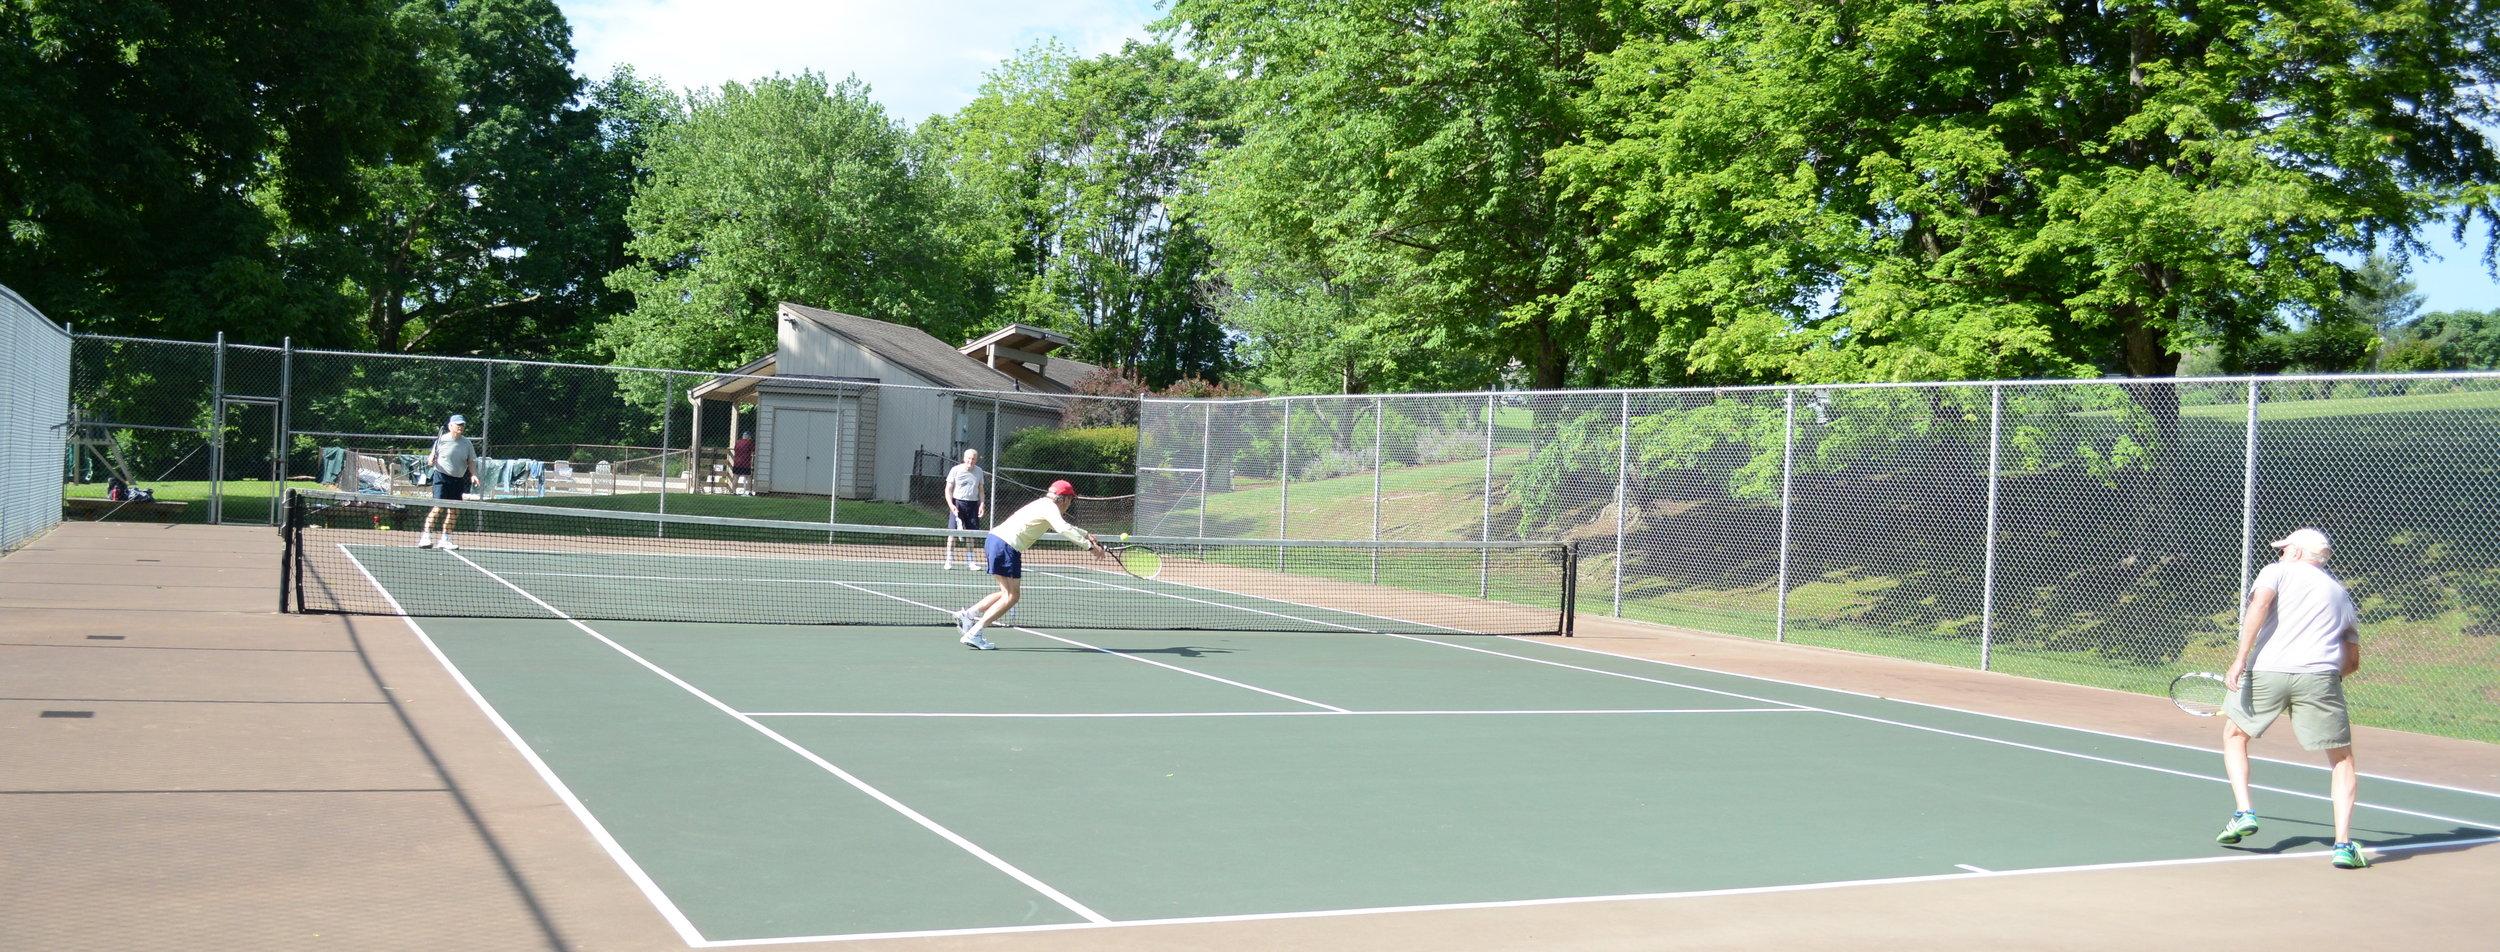 tennis court rodes farm.JPG